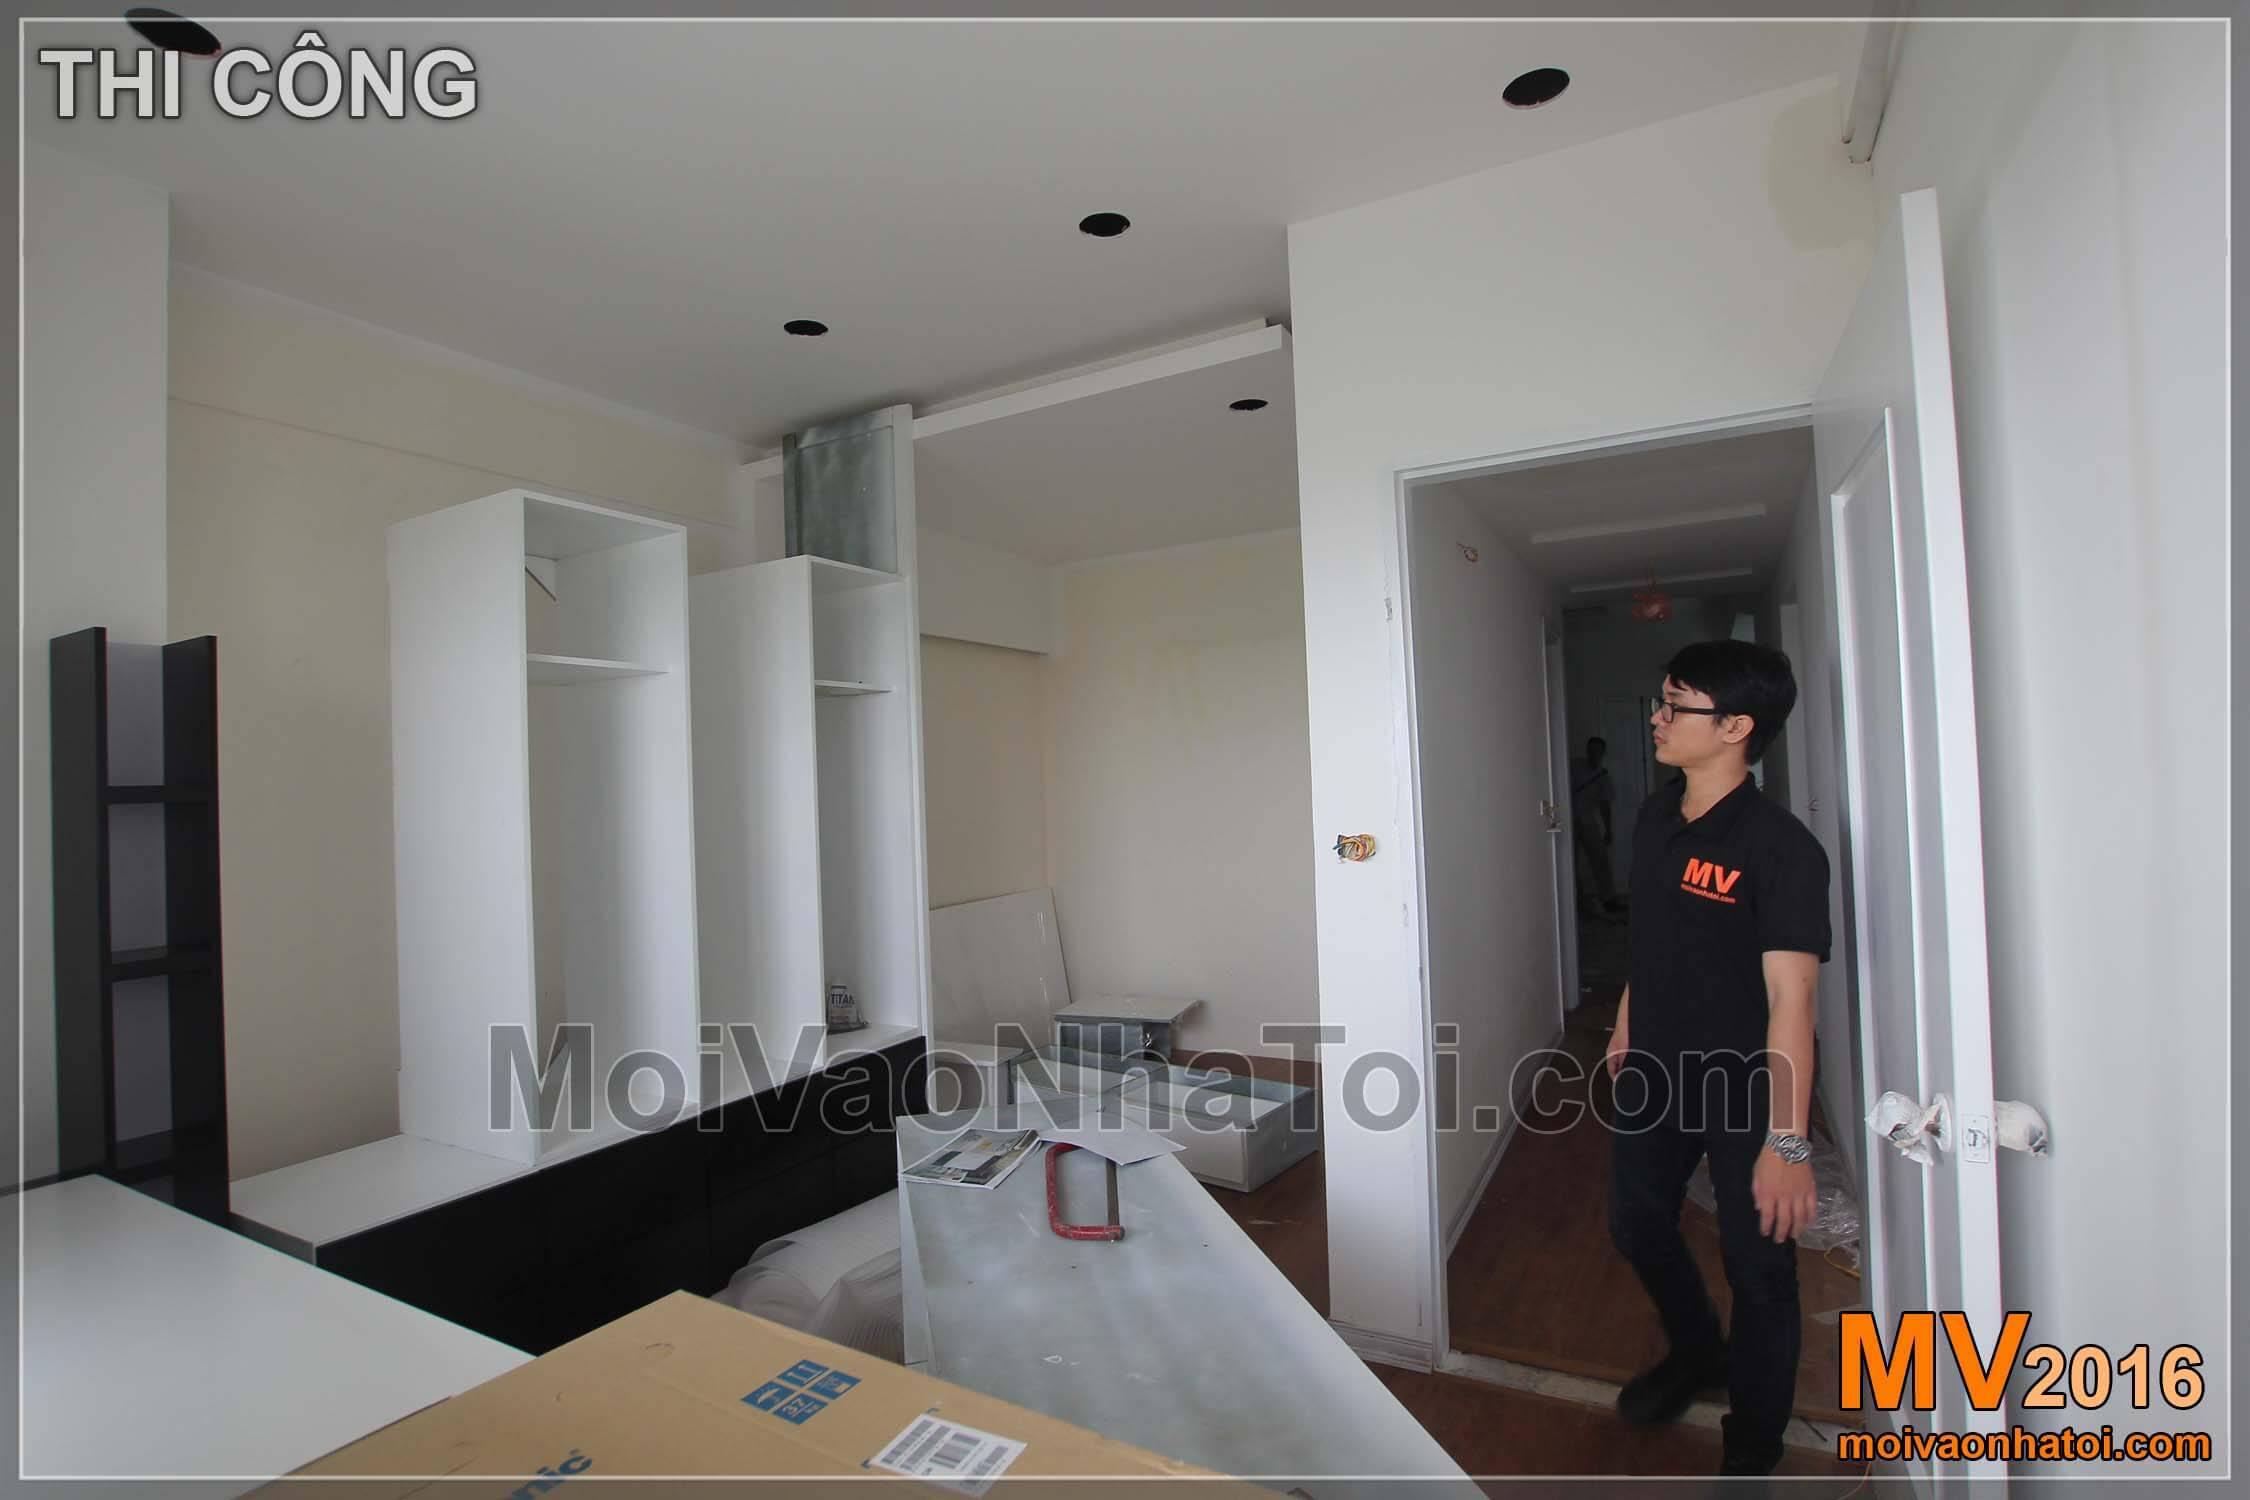 Nội thất phòng ngủ con được thiết kế hợp lý theo diện tích hiện trạng